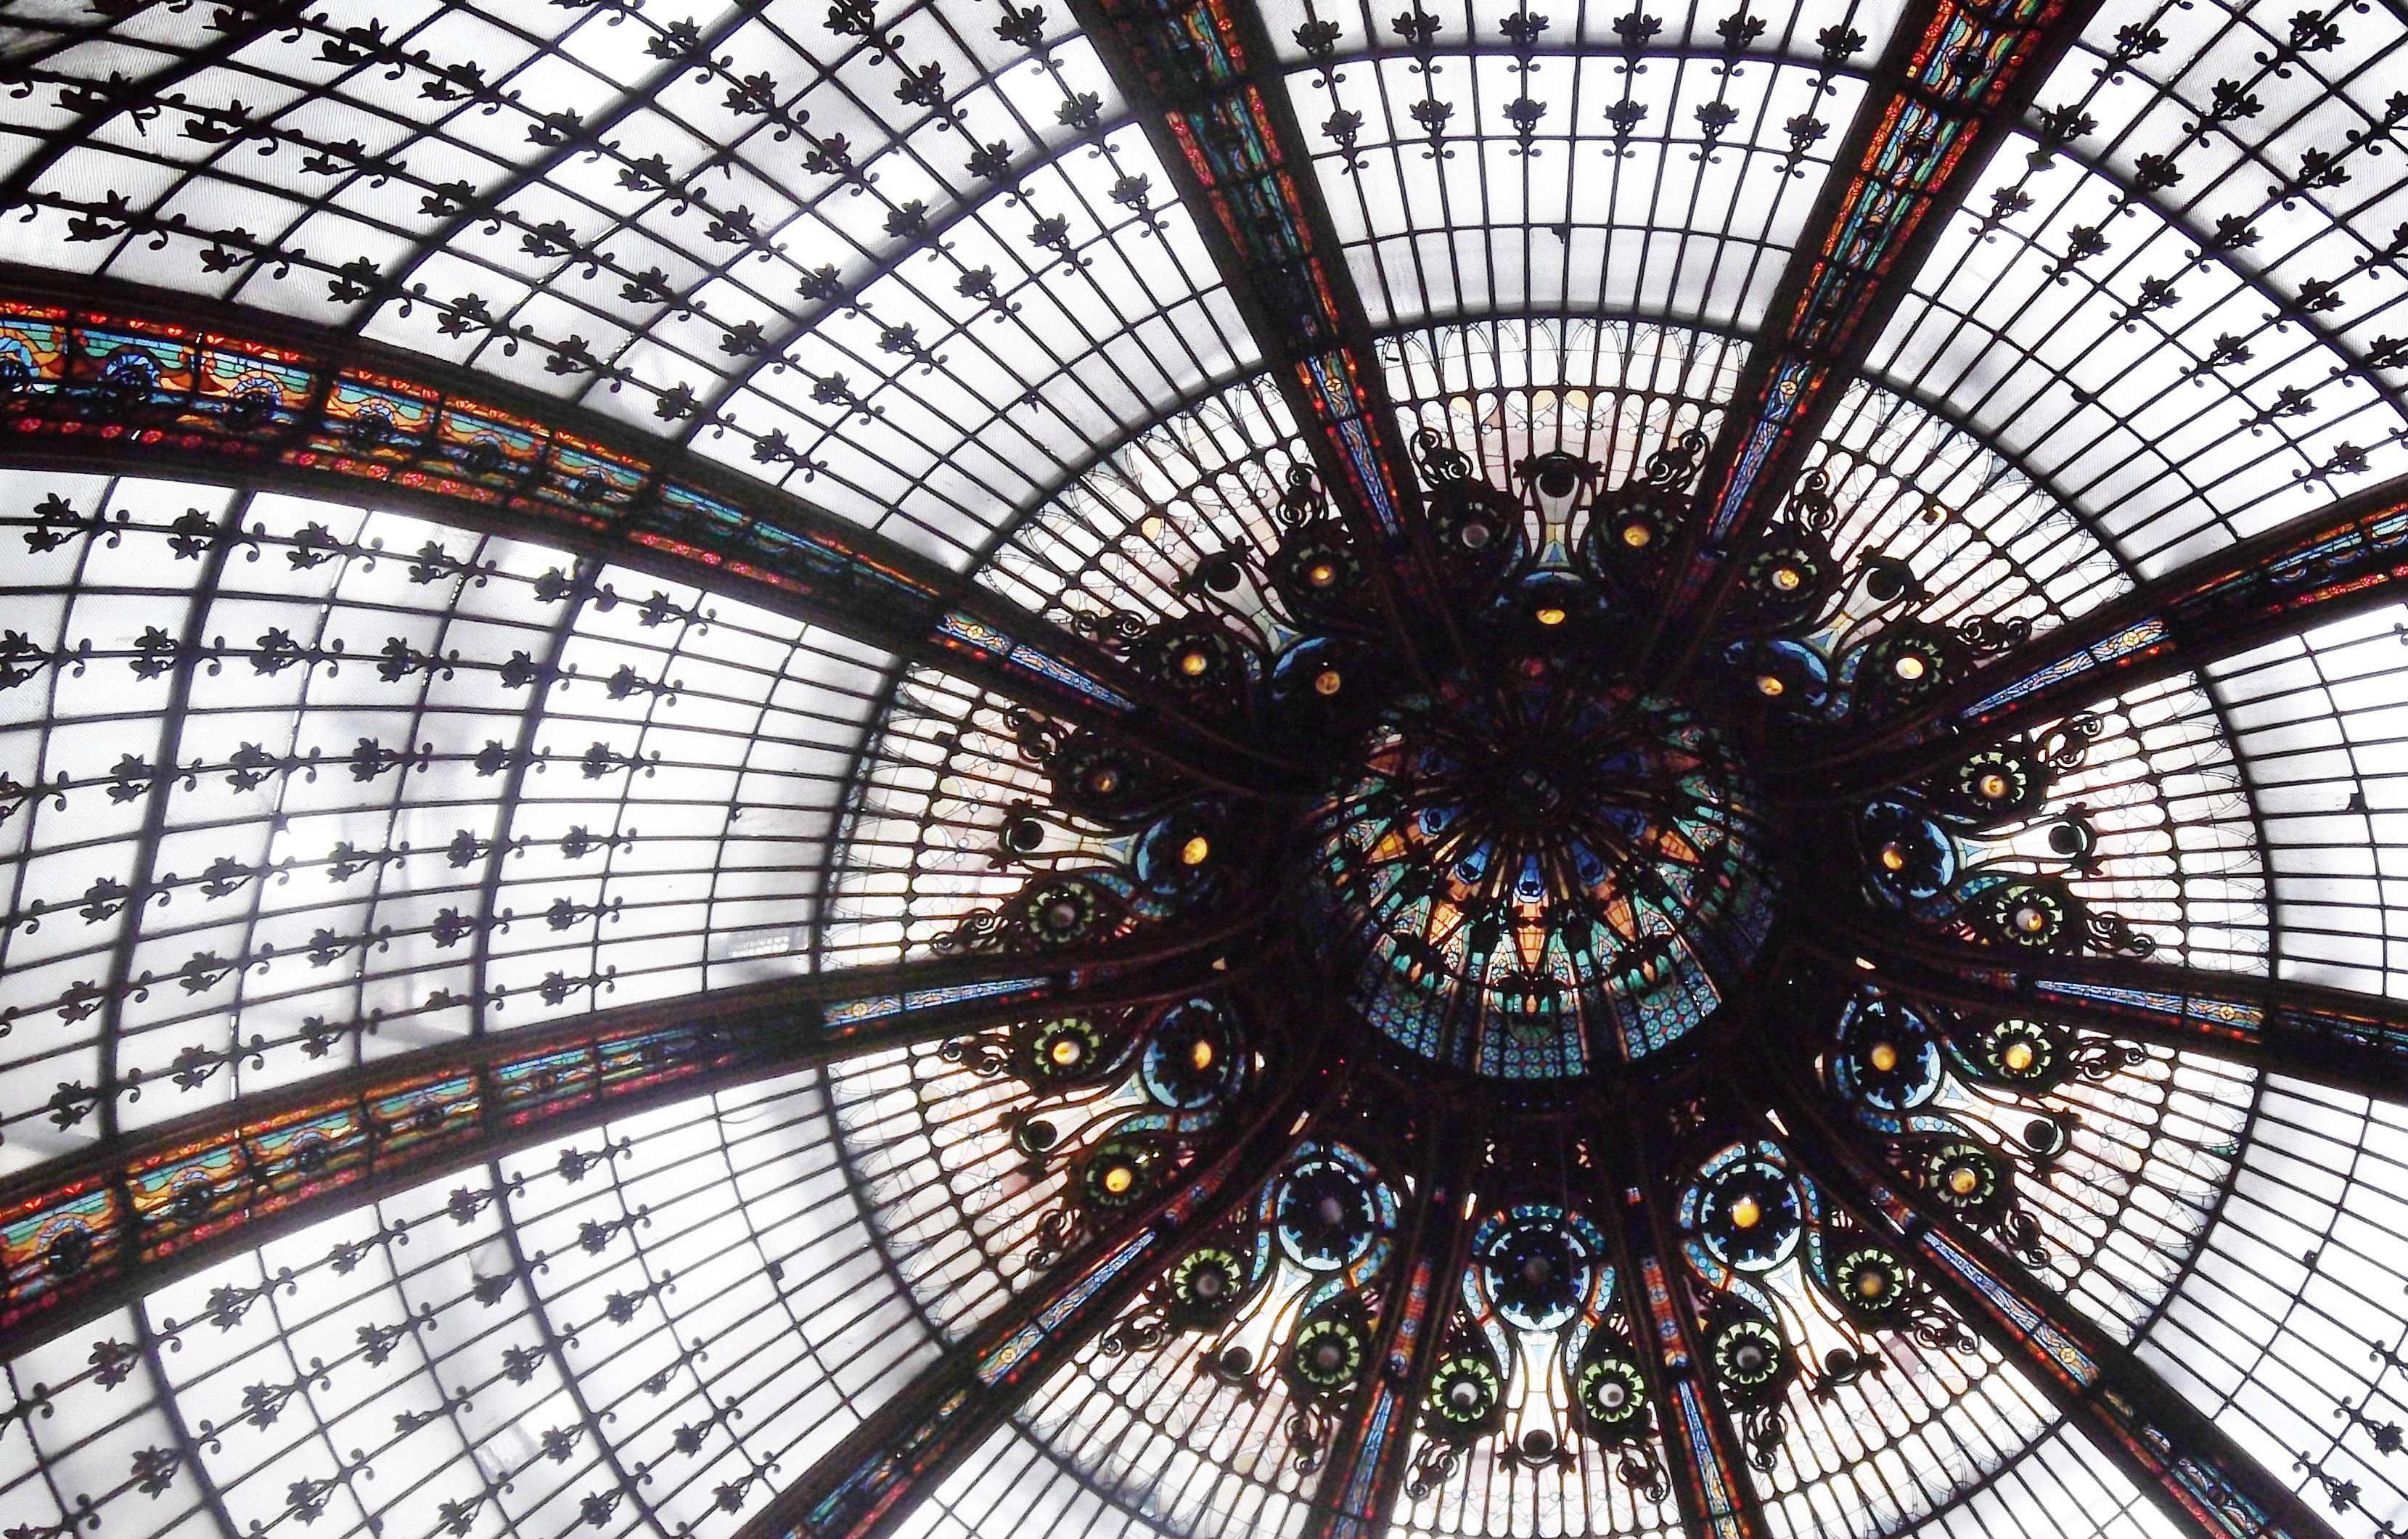 Taken at La Galerie Lafayette. Paris, France